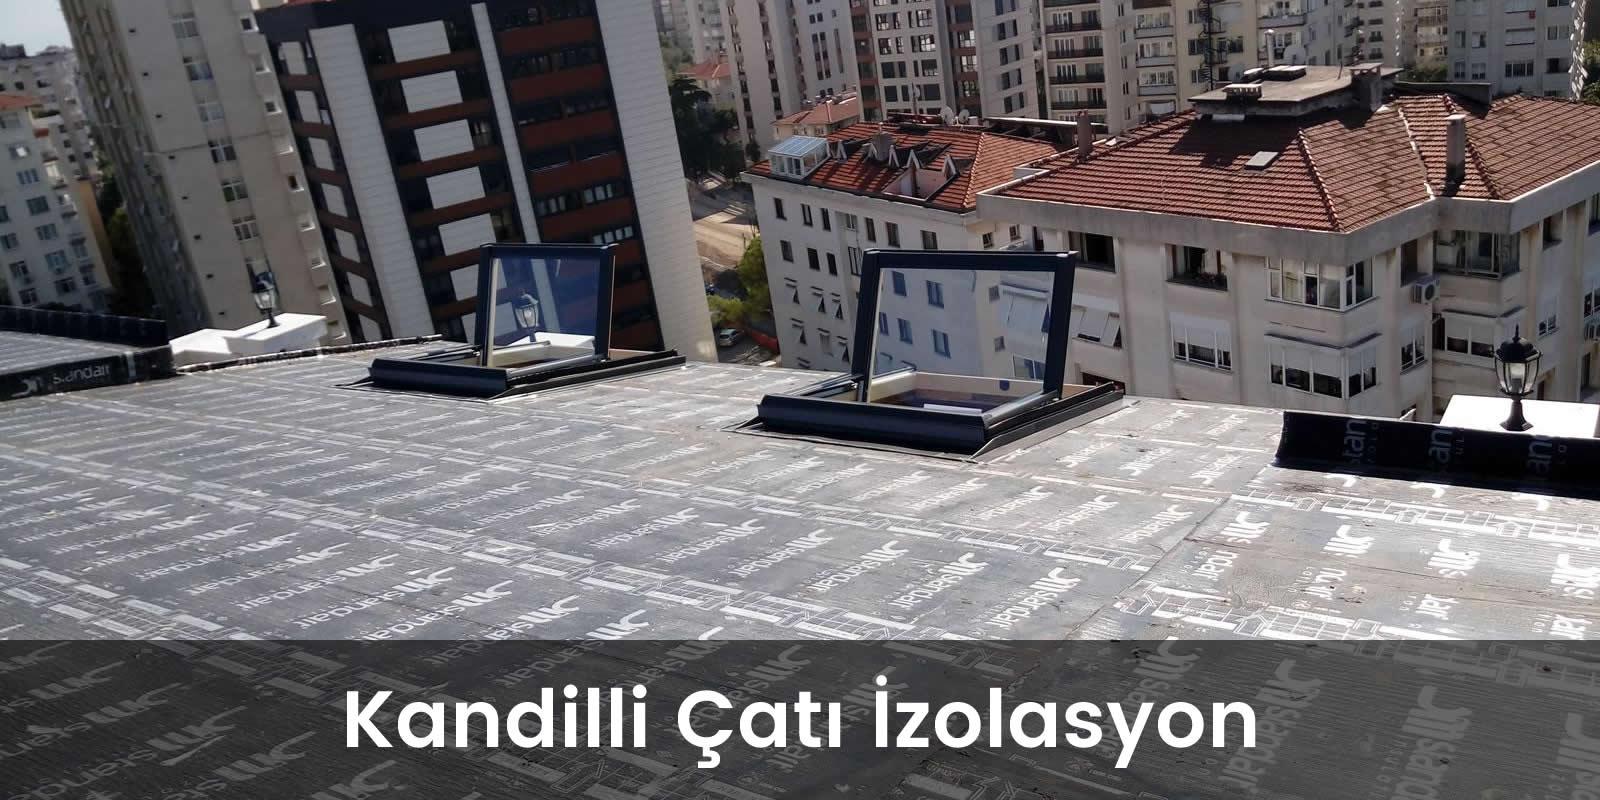 kandilli çatı izolasyon